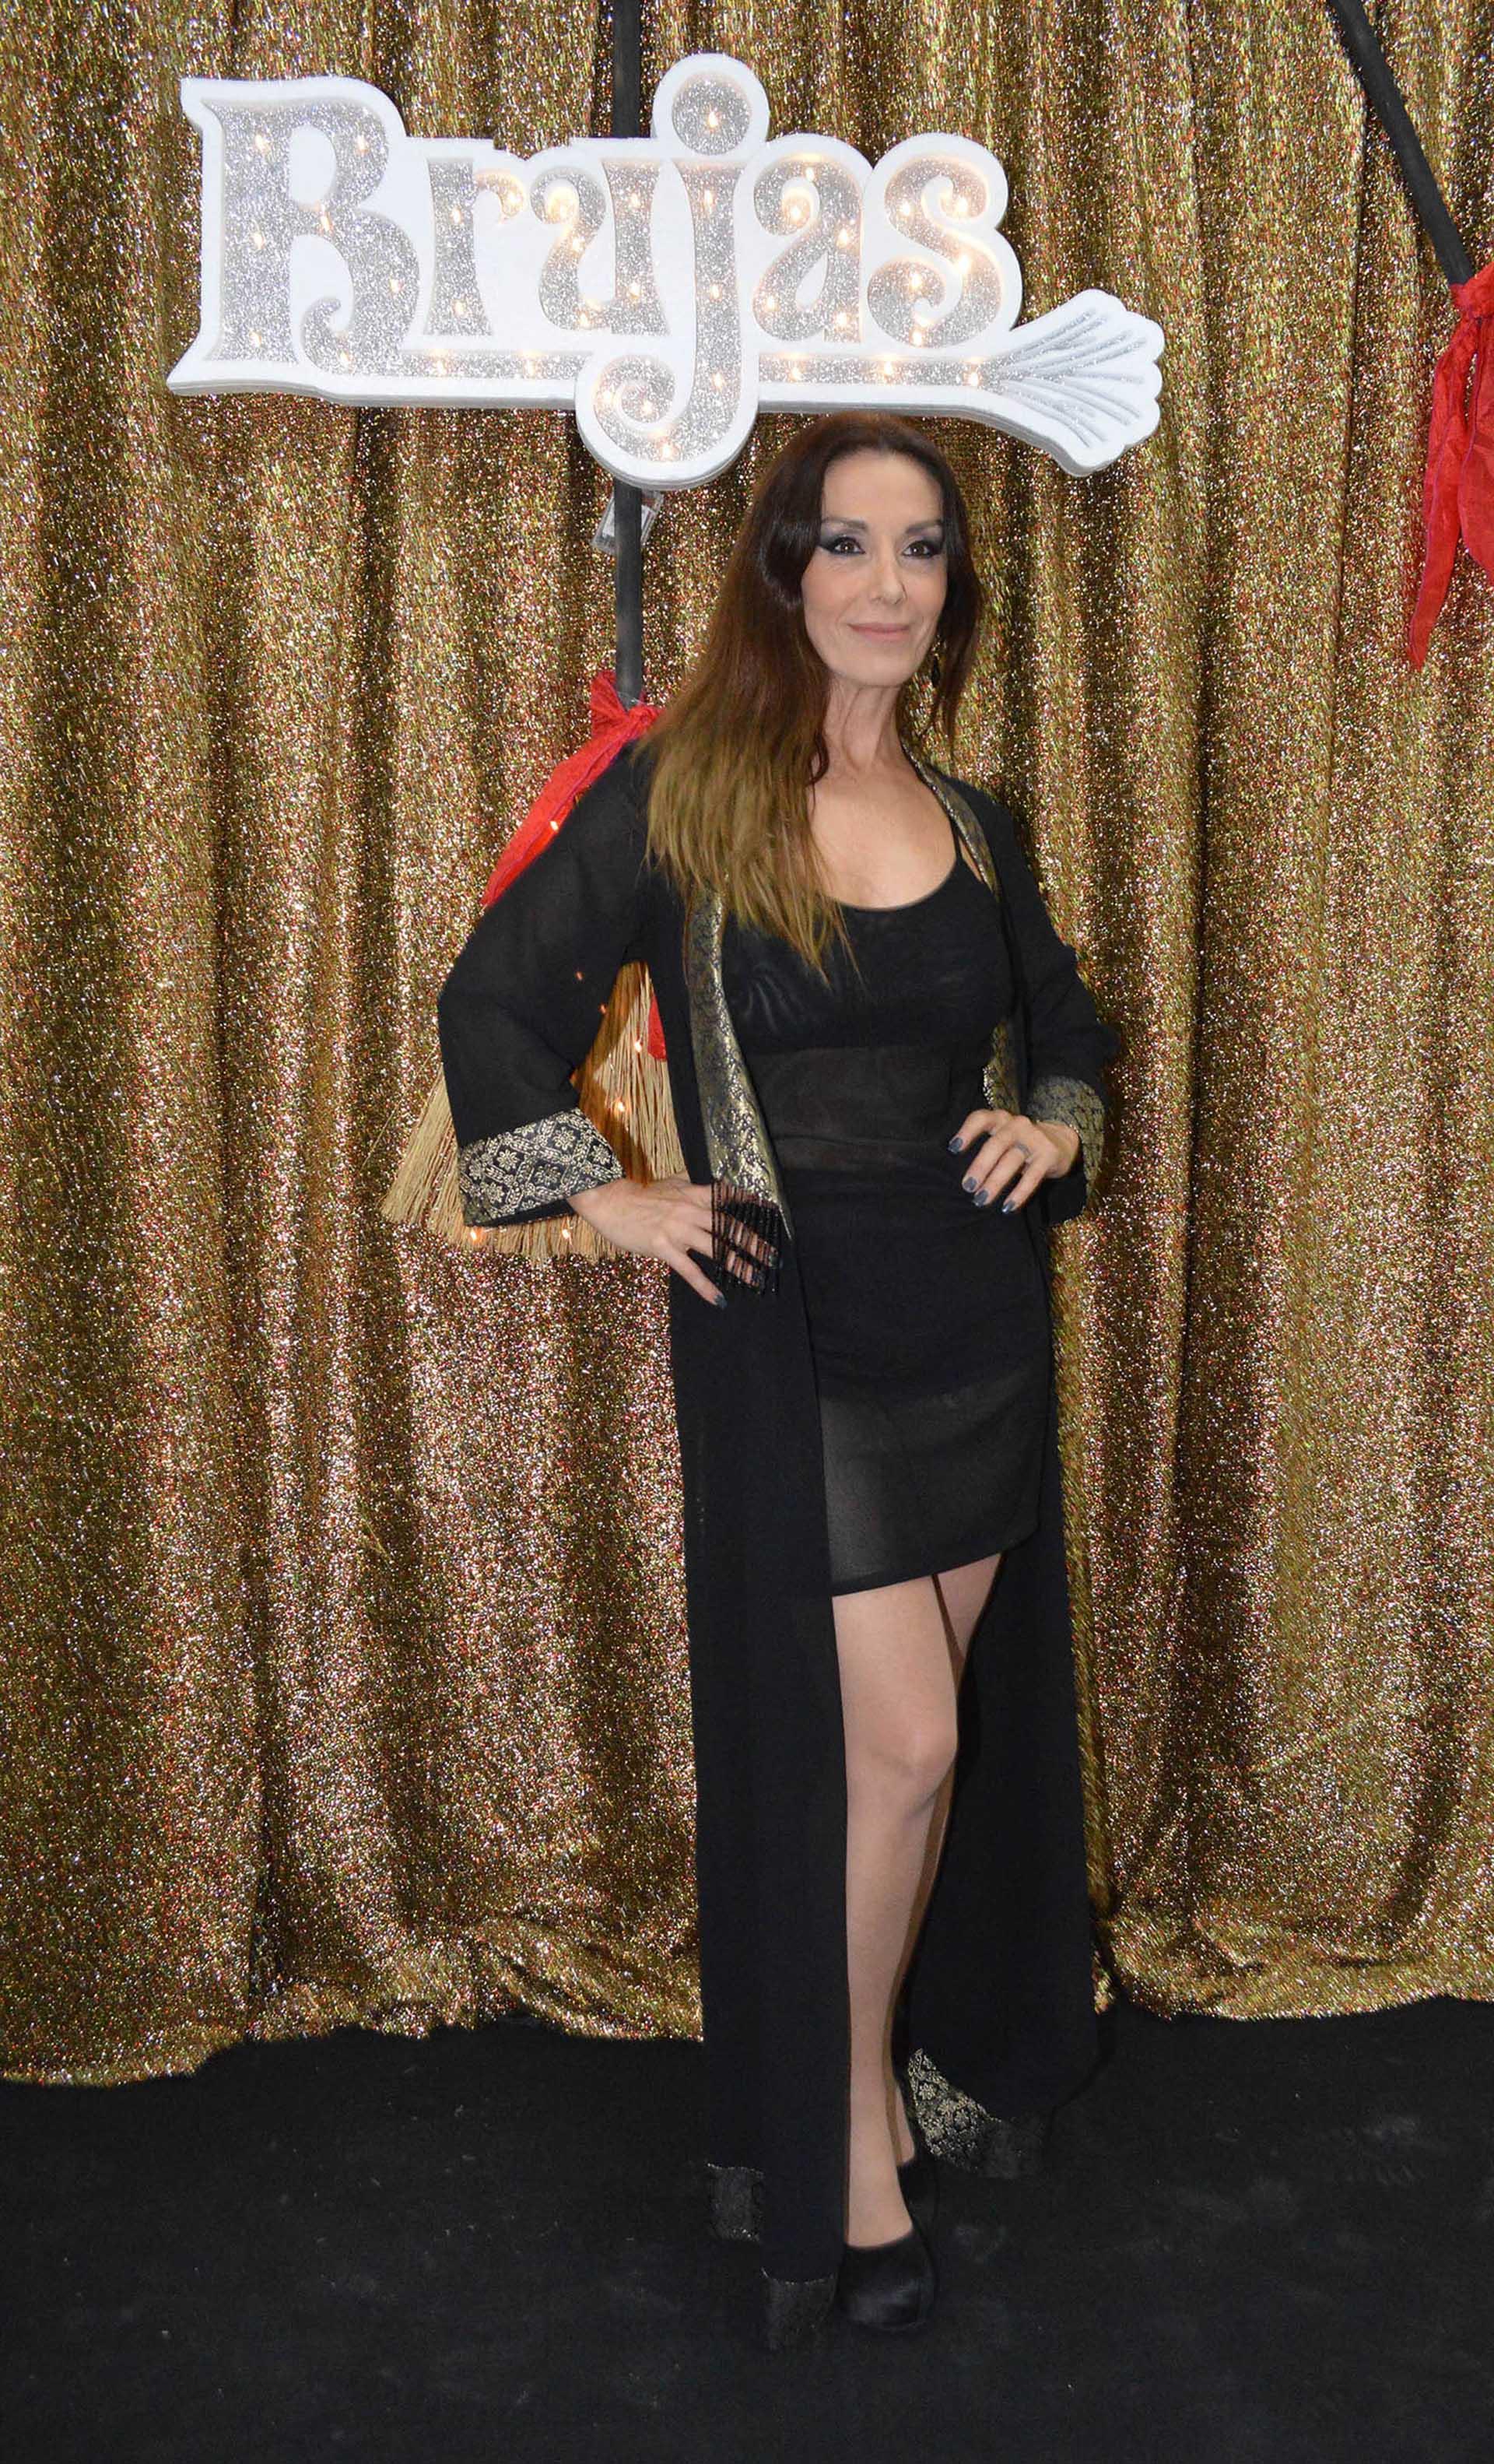 Viviana Saccone con su vestuario de bruja